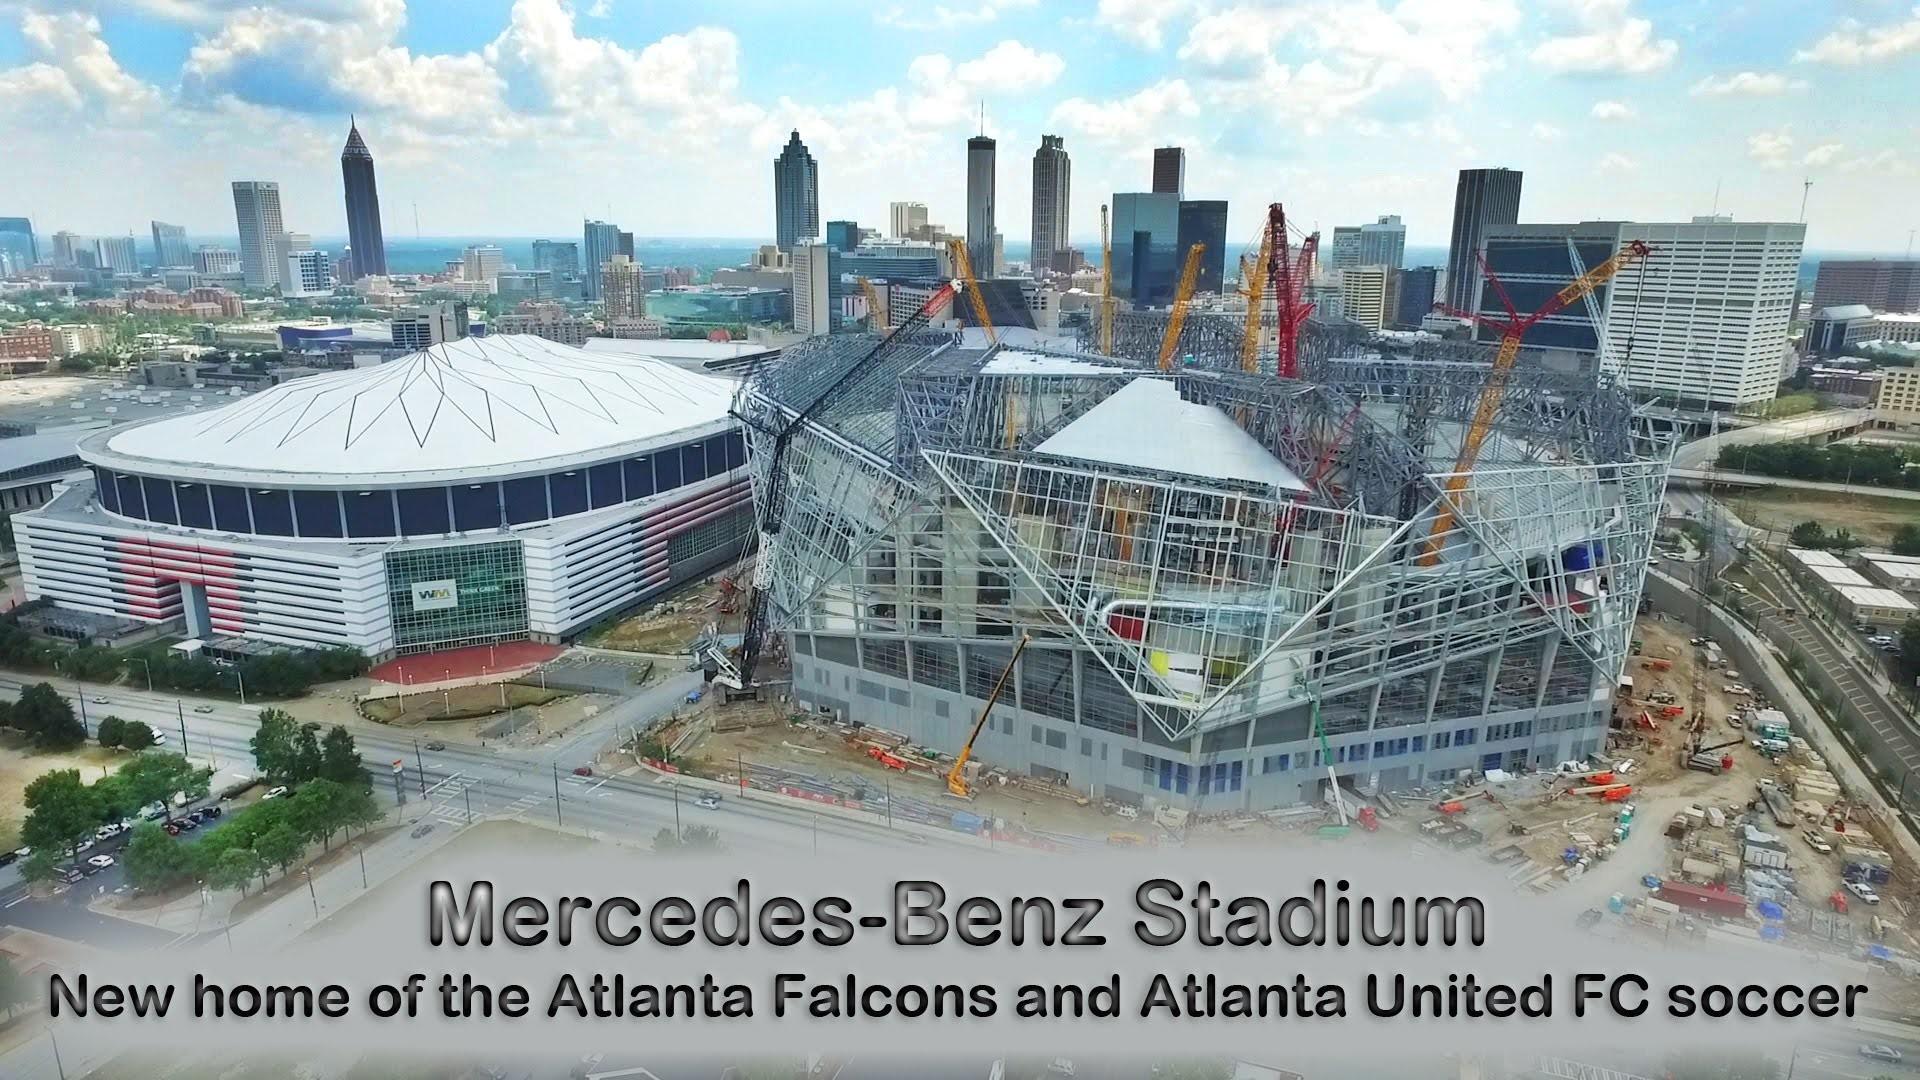 Atlanta falcons 2018 wallpaper hd 64 images for Mercedes benz dome in atlanta